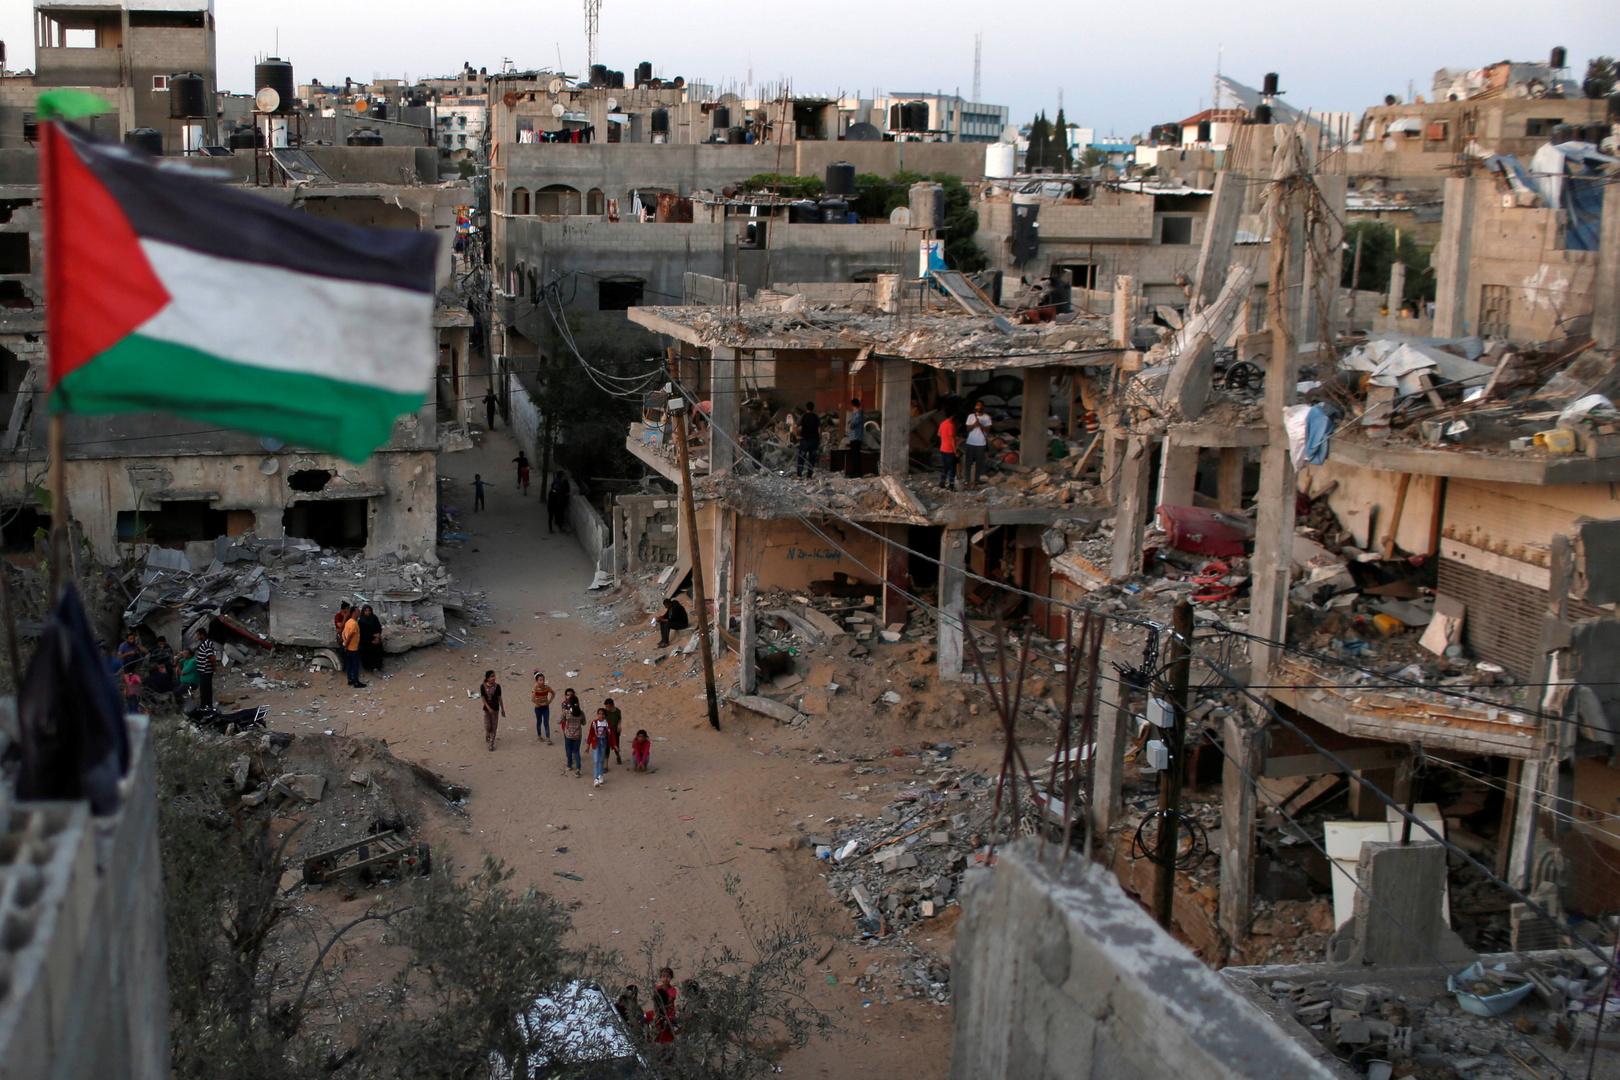 تقرير: إسرائيل قررت منح قرض للسلطة الفلسطينية بقيمة 800 مليون دولار